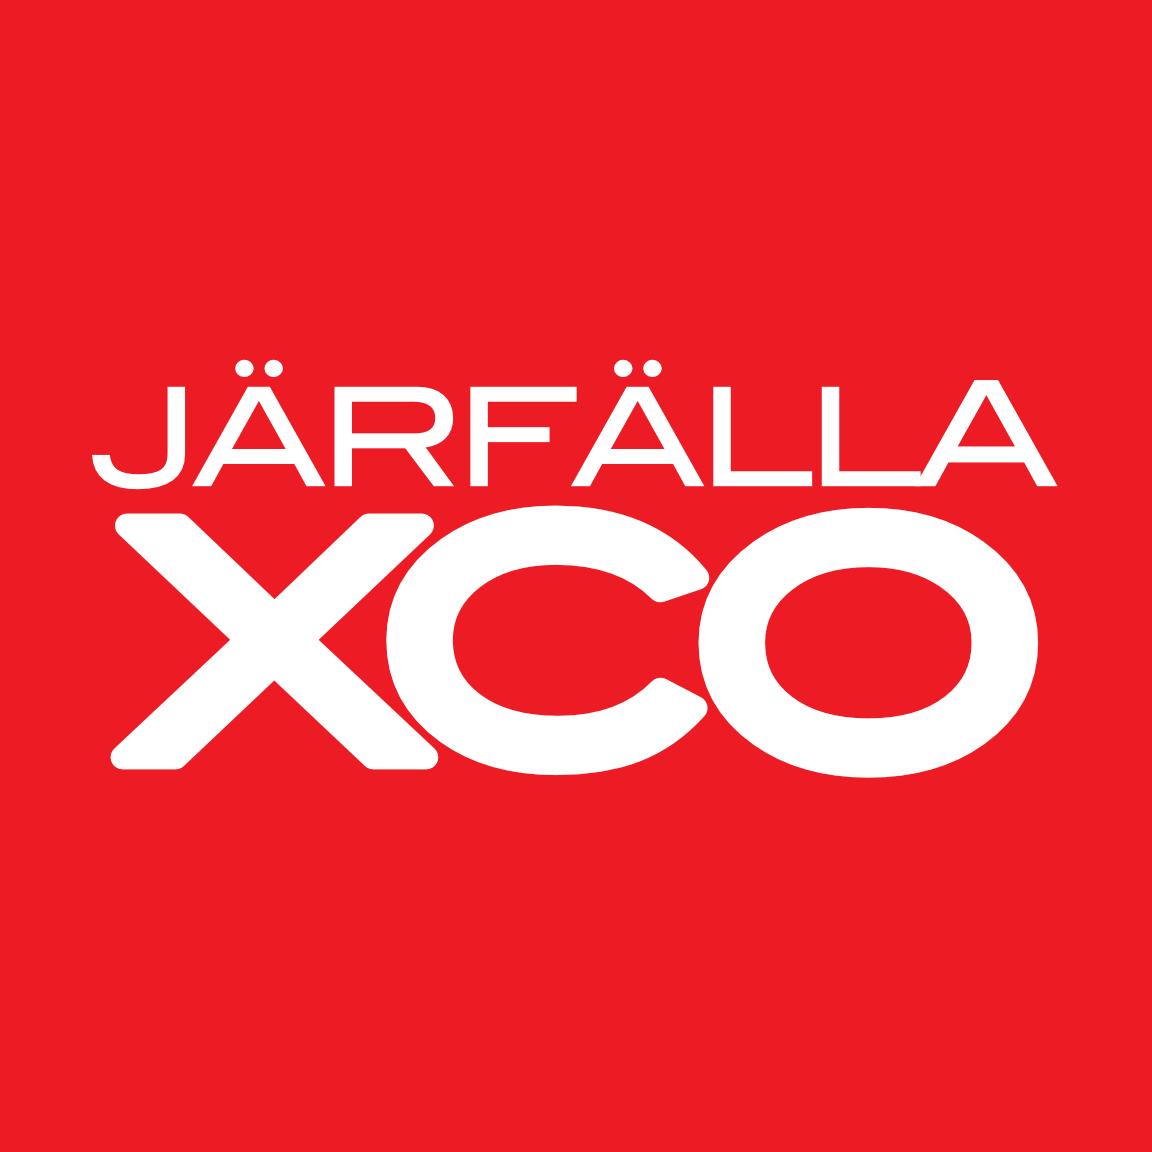 Järfälla XCO